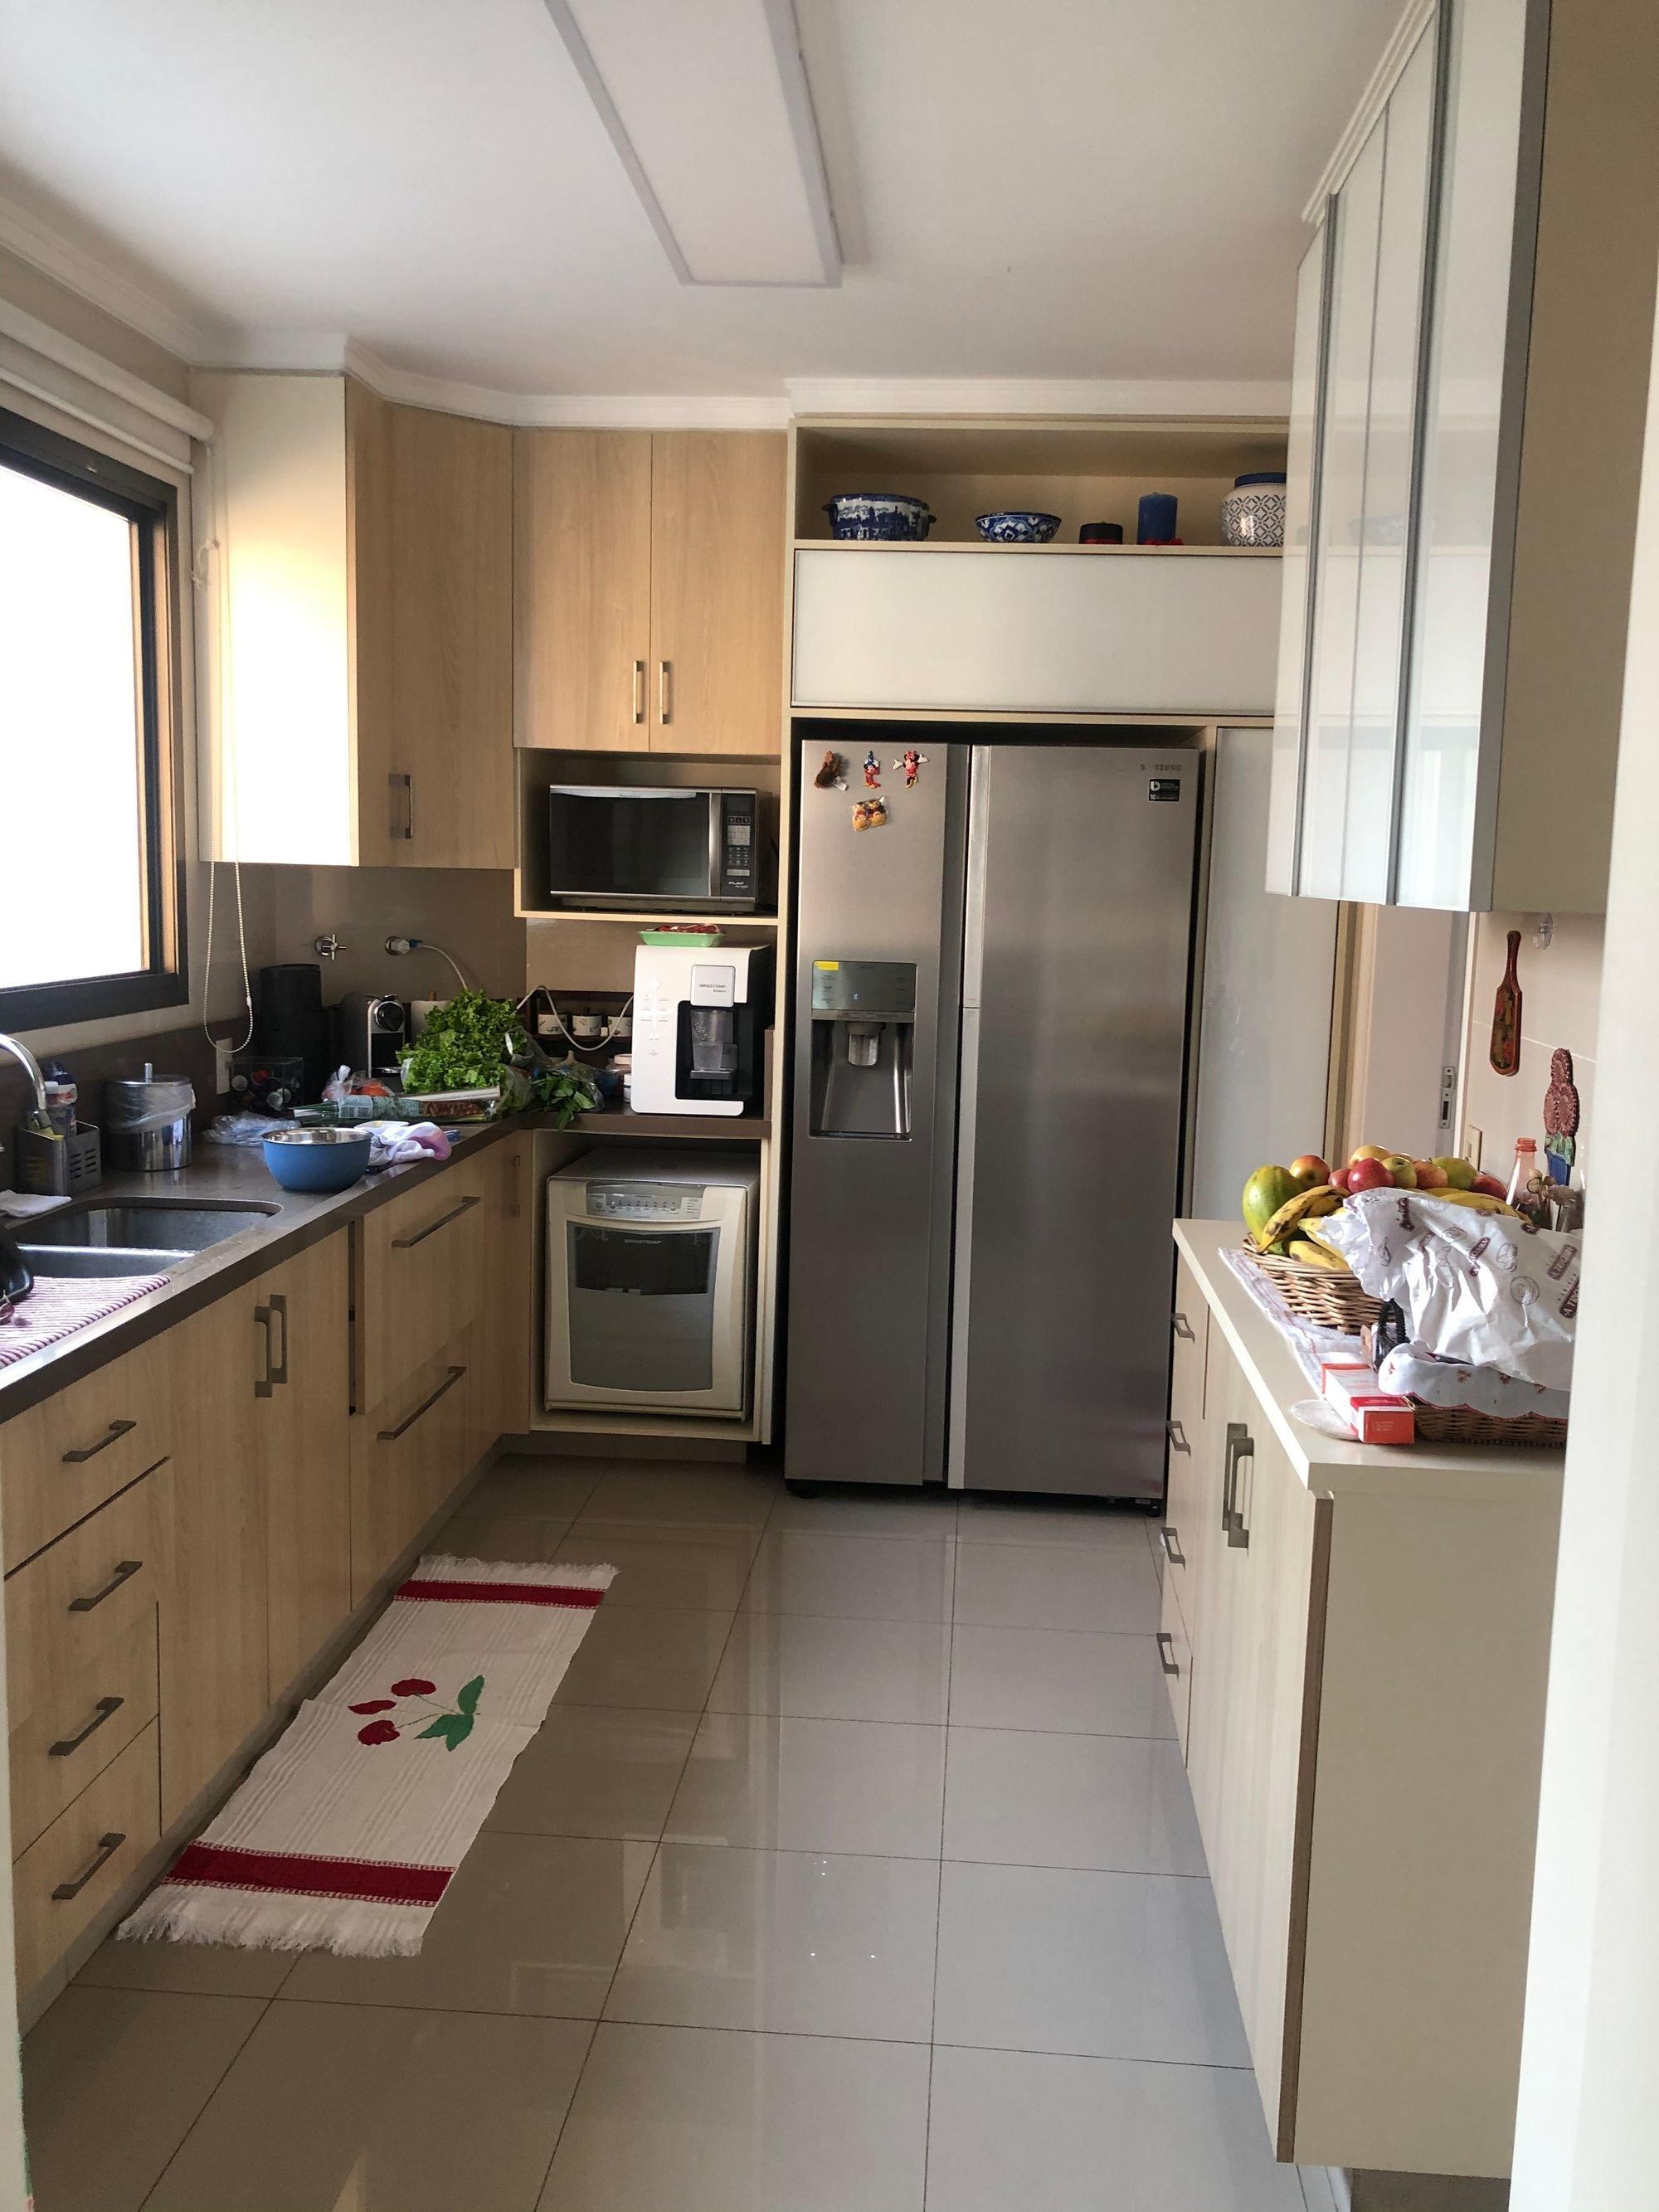 Foto de Cozinha com vaso de planta, forno, tigela, geladeira, pia, microondas